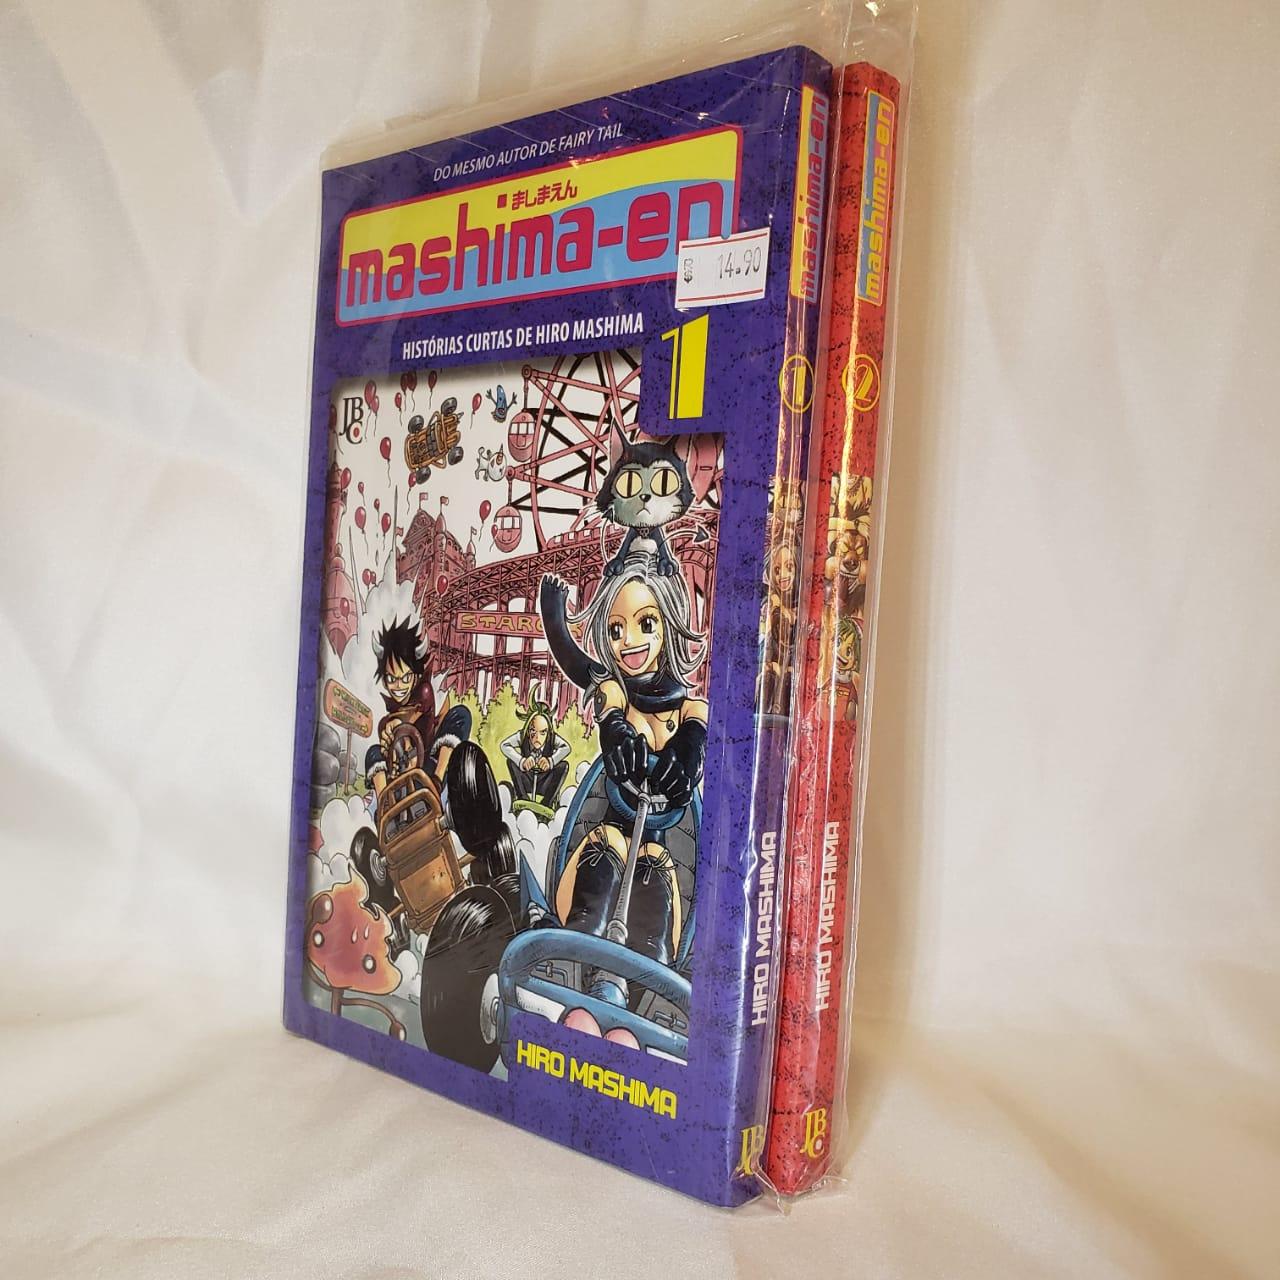 Mashima-En - 1 e 2 - Coleção Completa - Pack